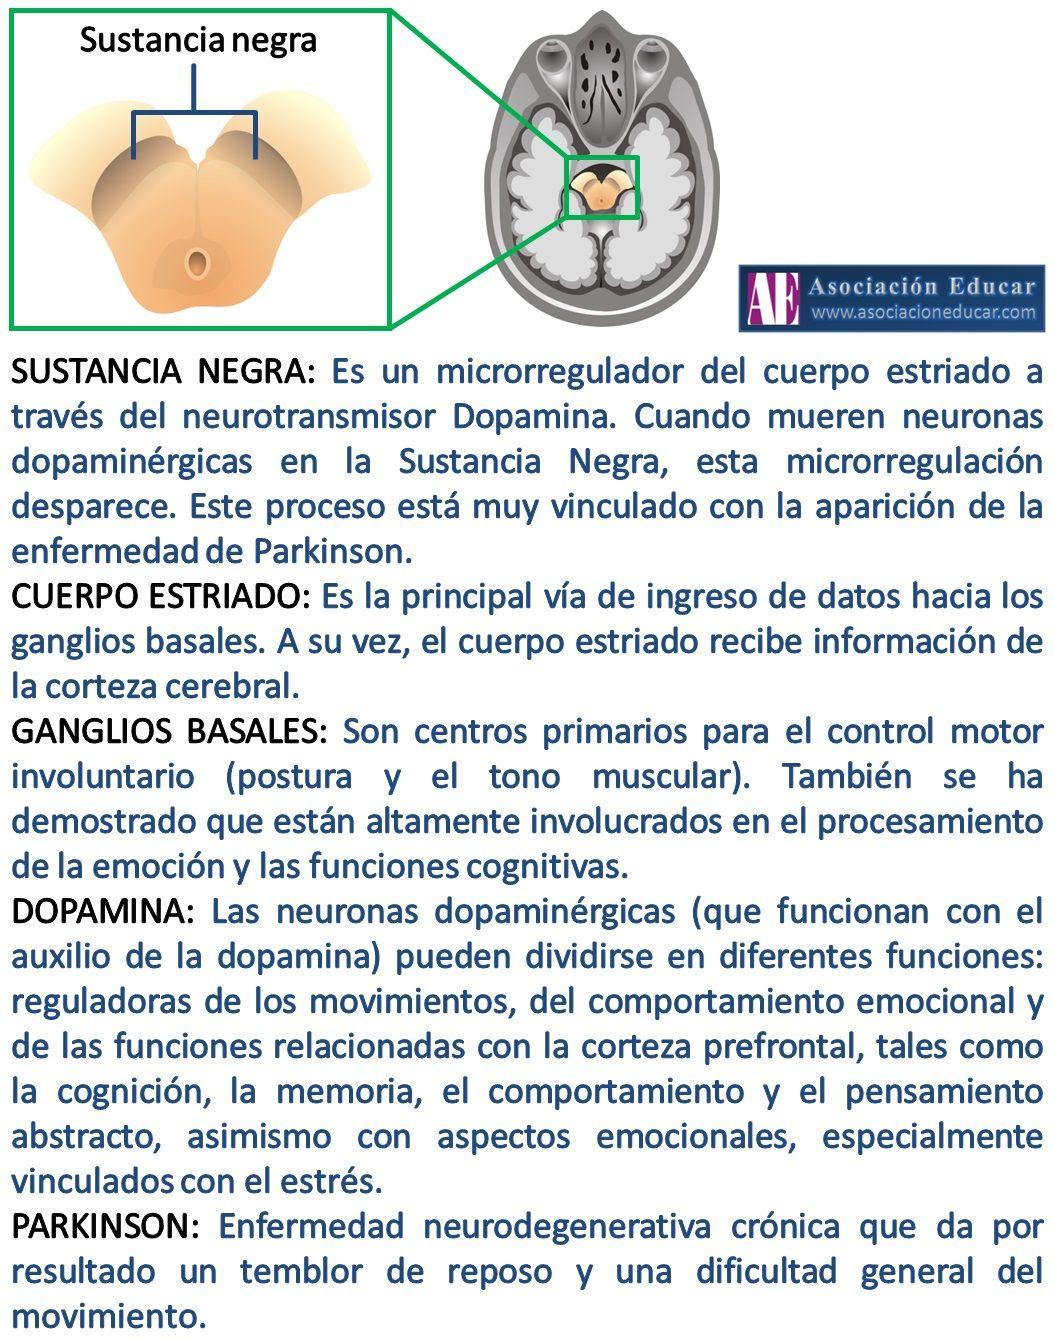 Infografía Neurociencias: Sustancia negra. | Asociación Educar ...